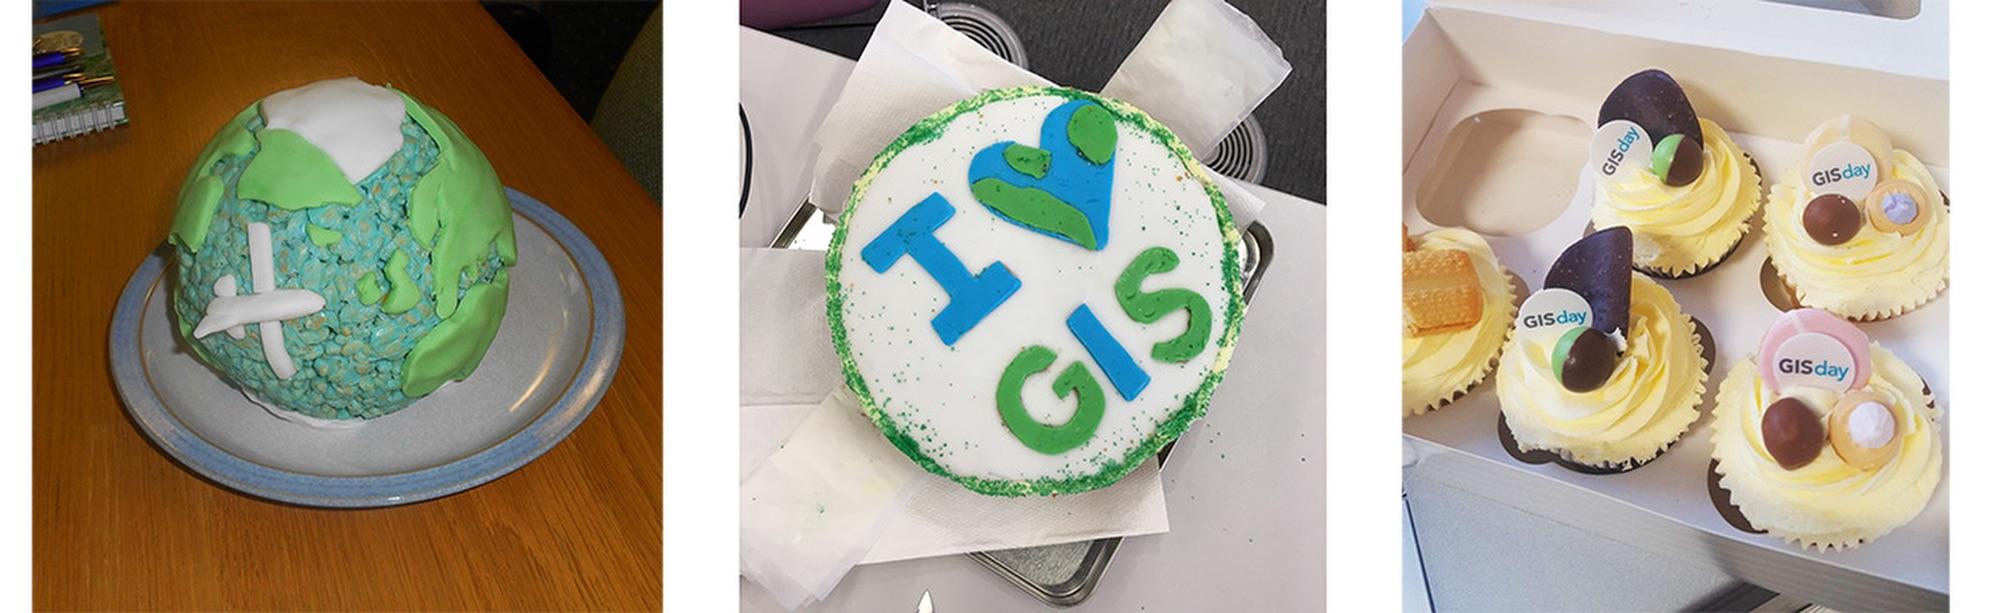 GIS Day cakes 2017